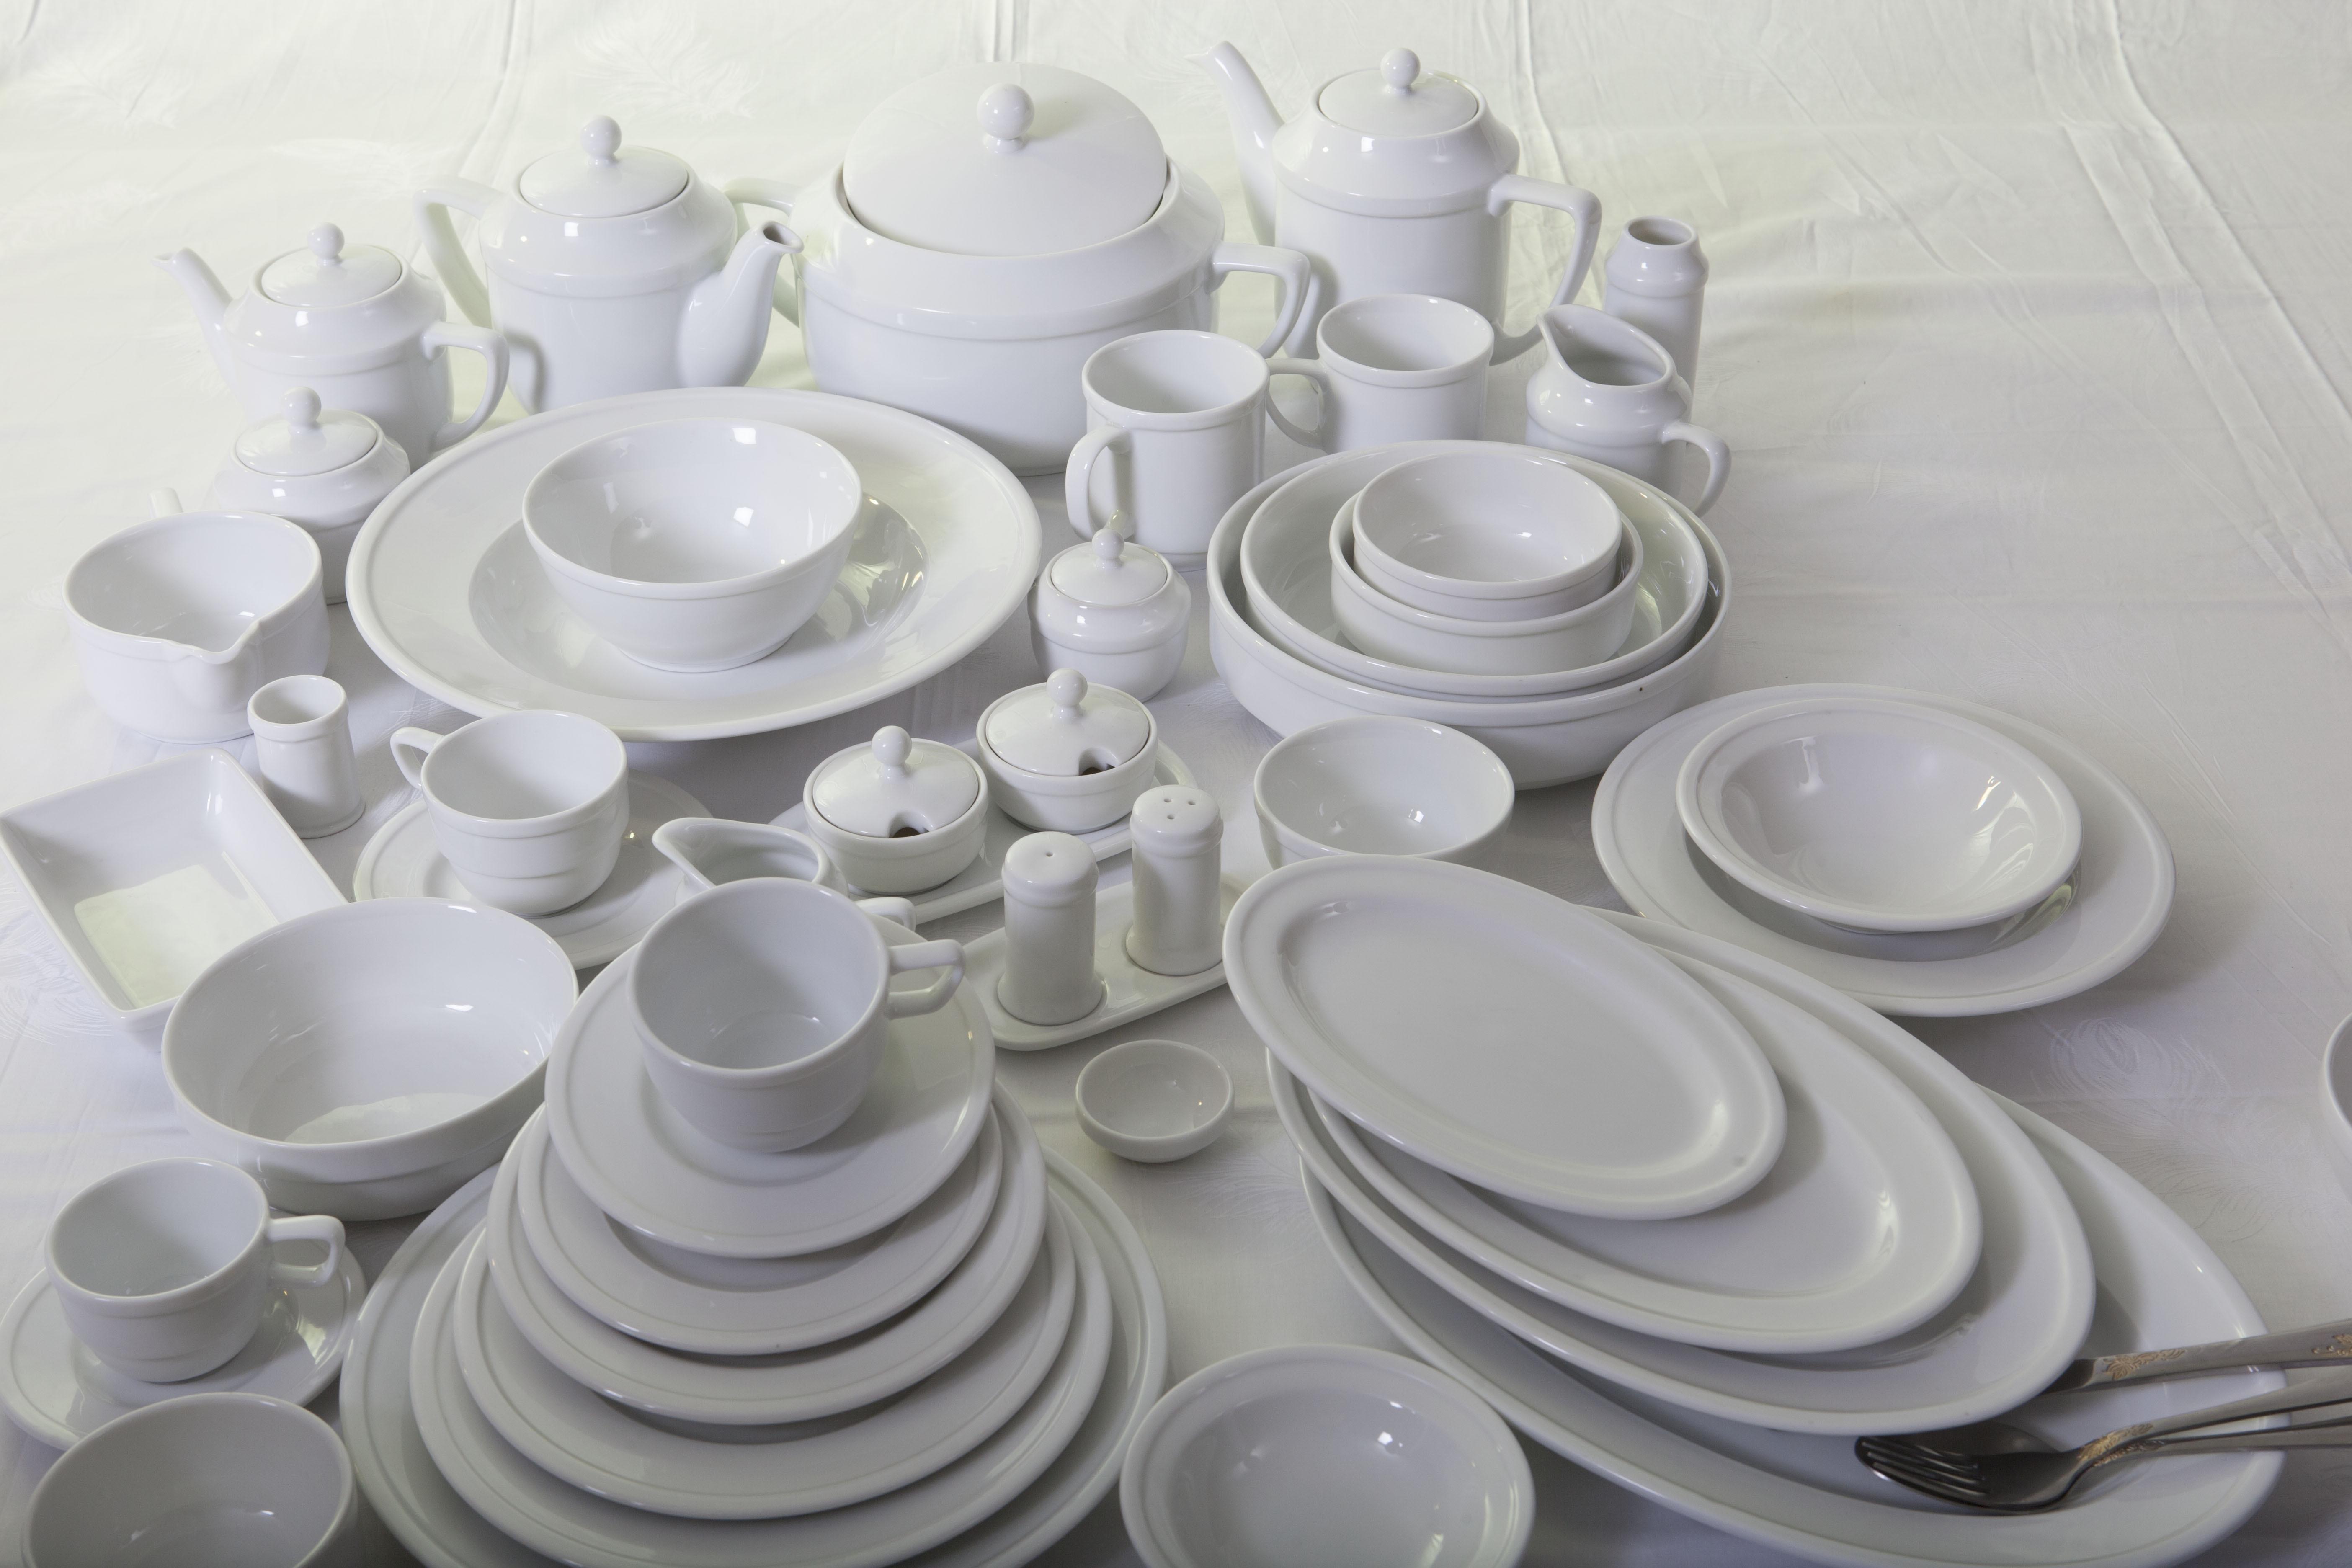 Ambiente Aussteller Produkte Paragon Ceramic Industries Ltd Porzellan Geschirr